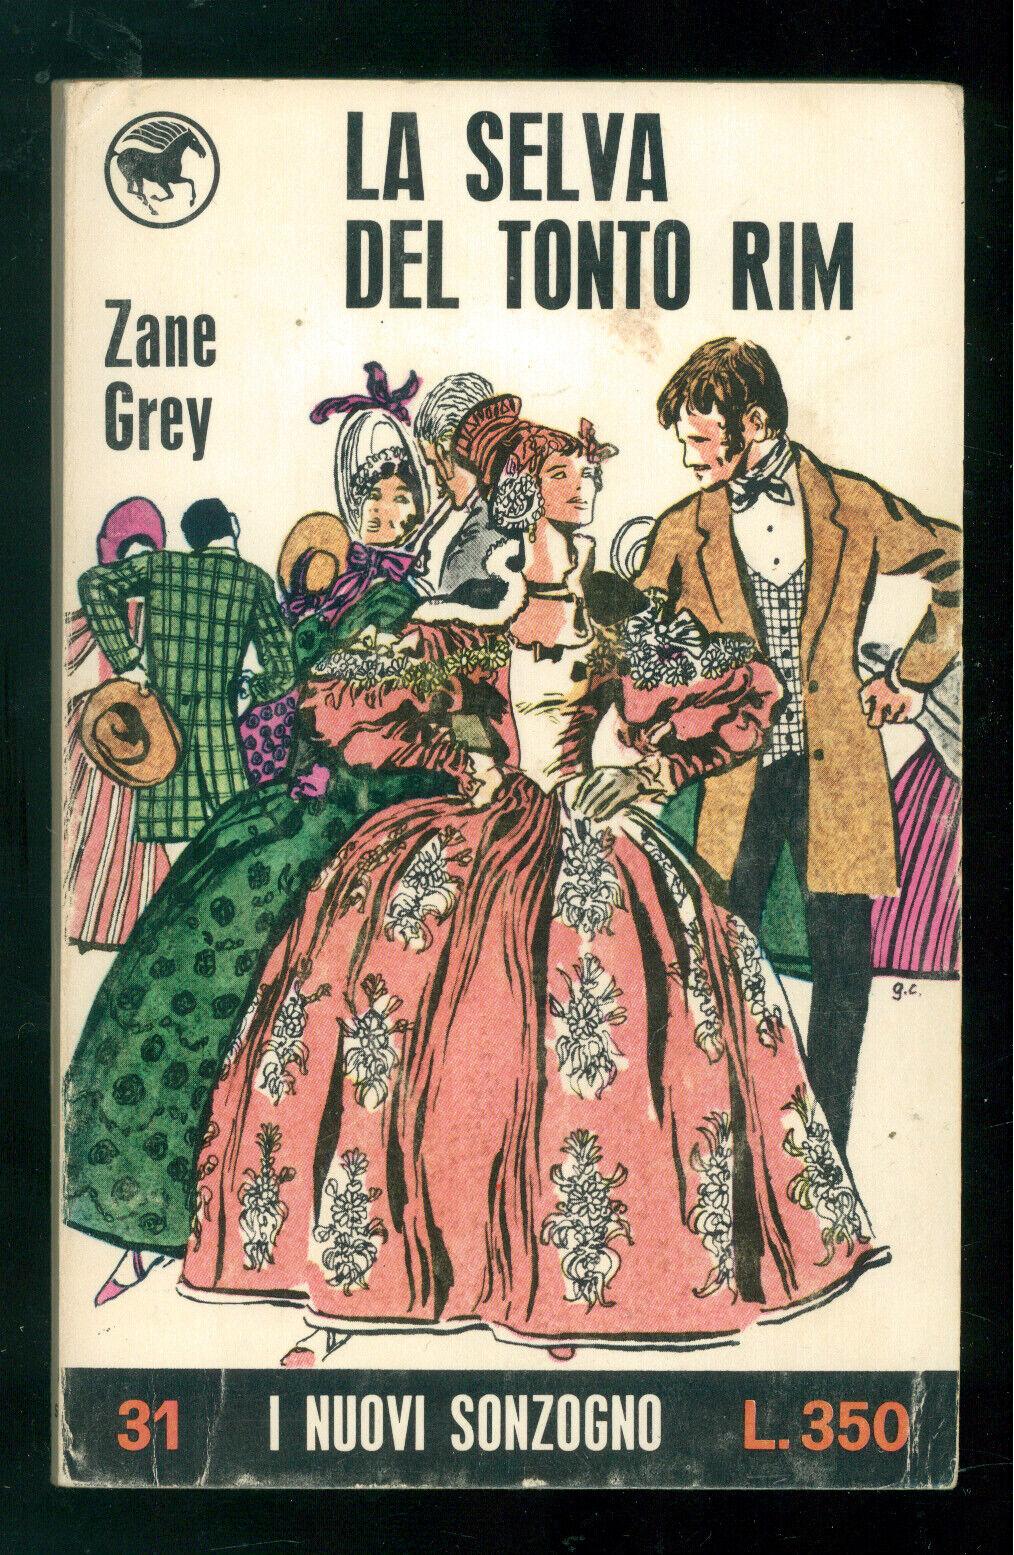 GREY ZANE LA SELVA DEL TONTO RIM SONZOGNO 1967 COPERTINA GUIDO CREPAX I NUOVI 31